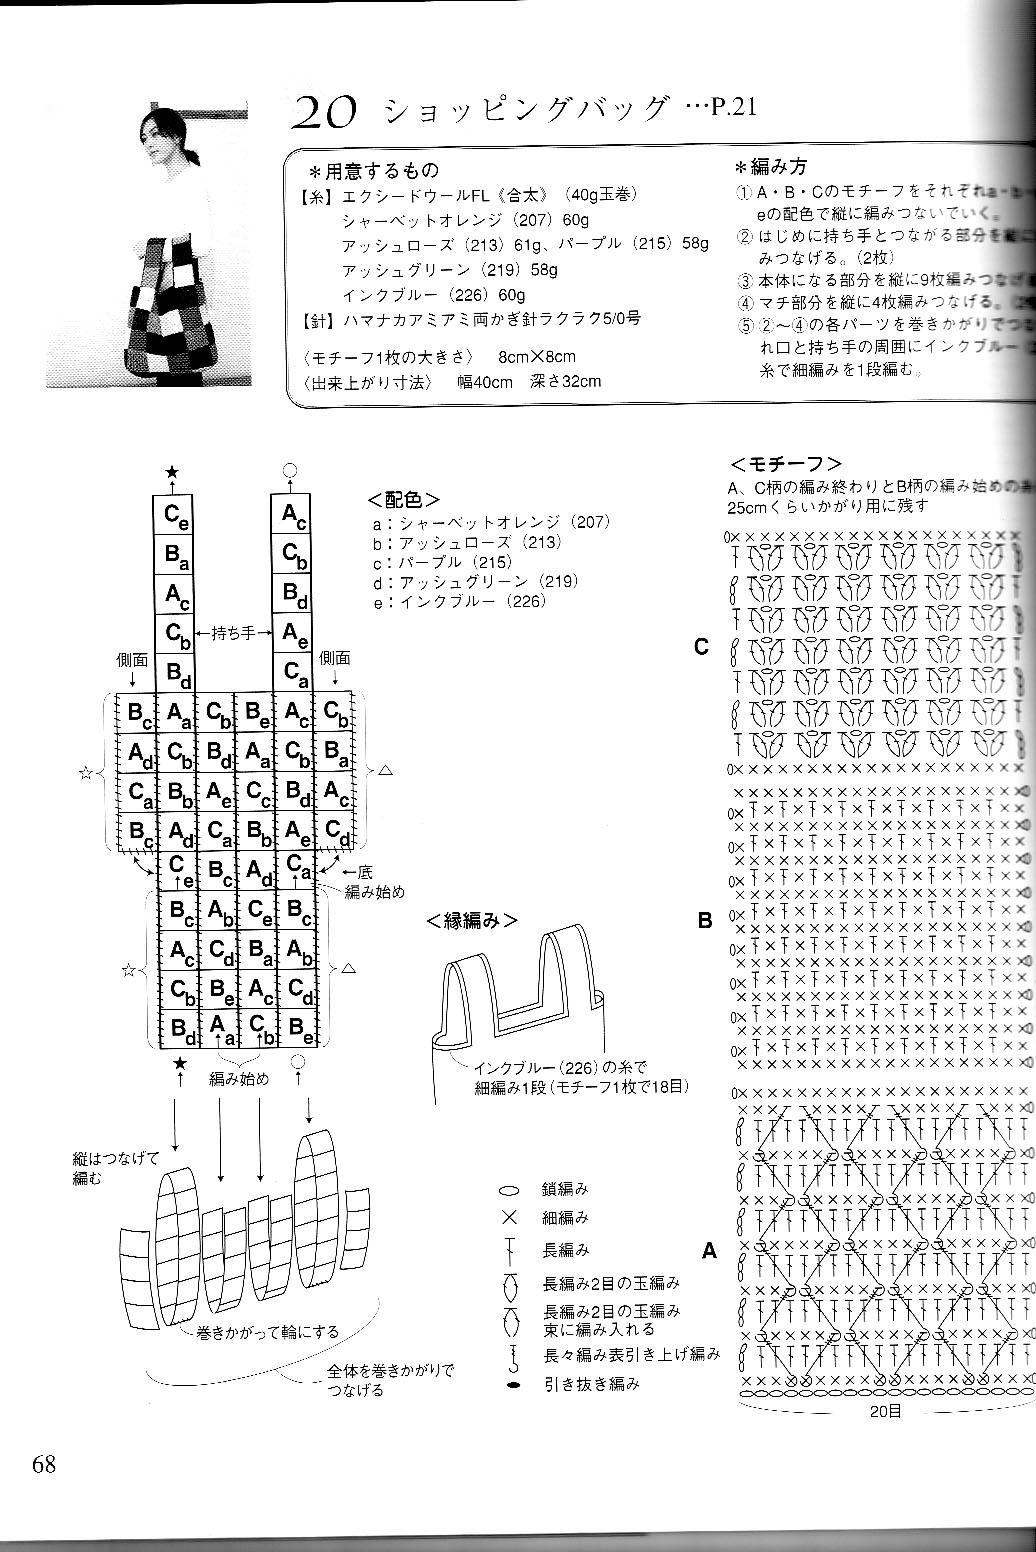 [68.jpg]